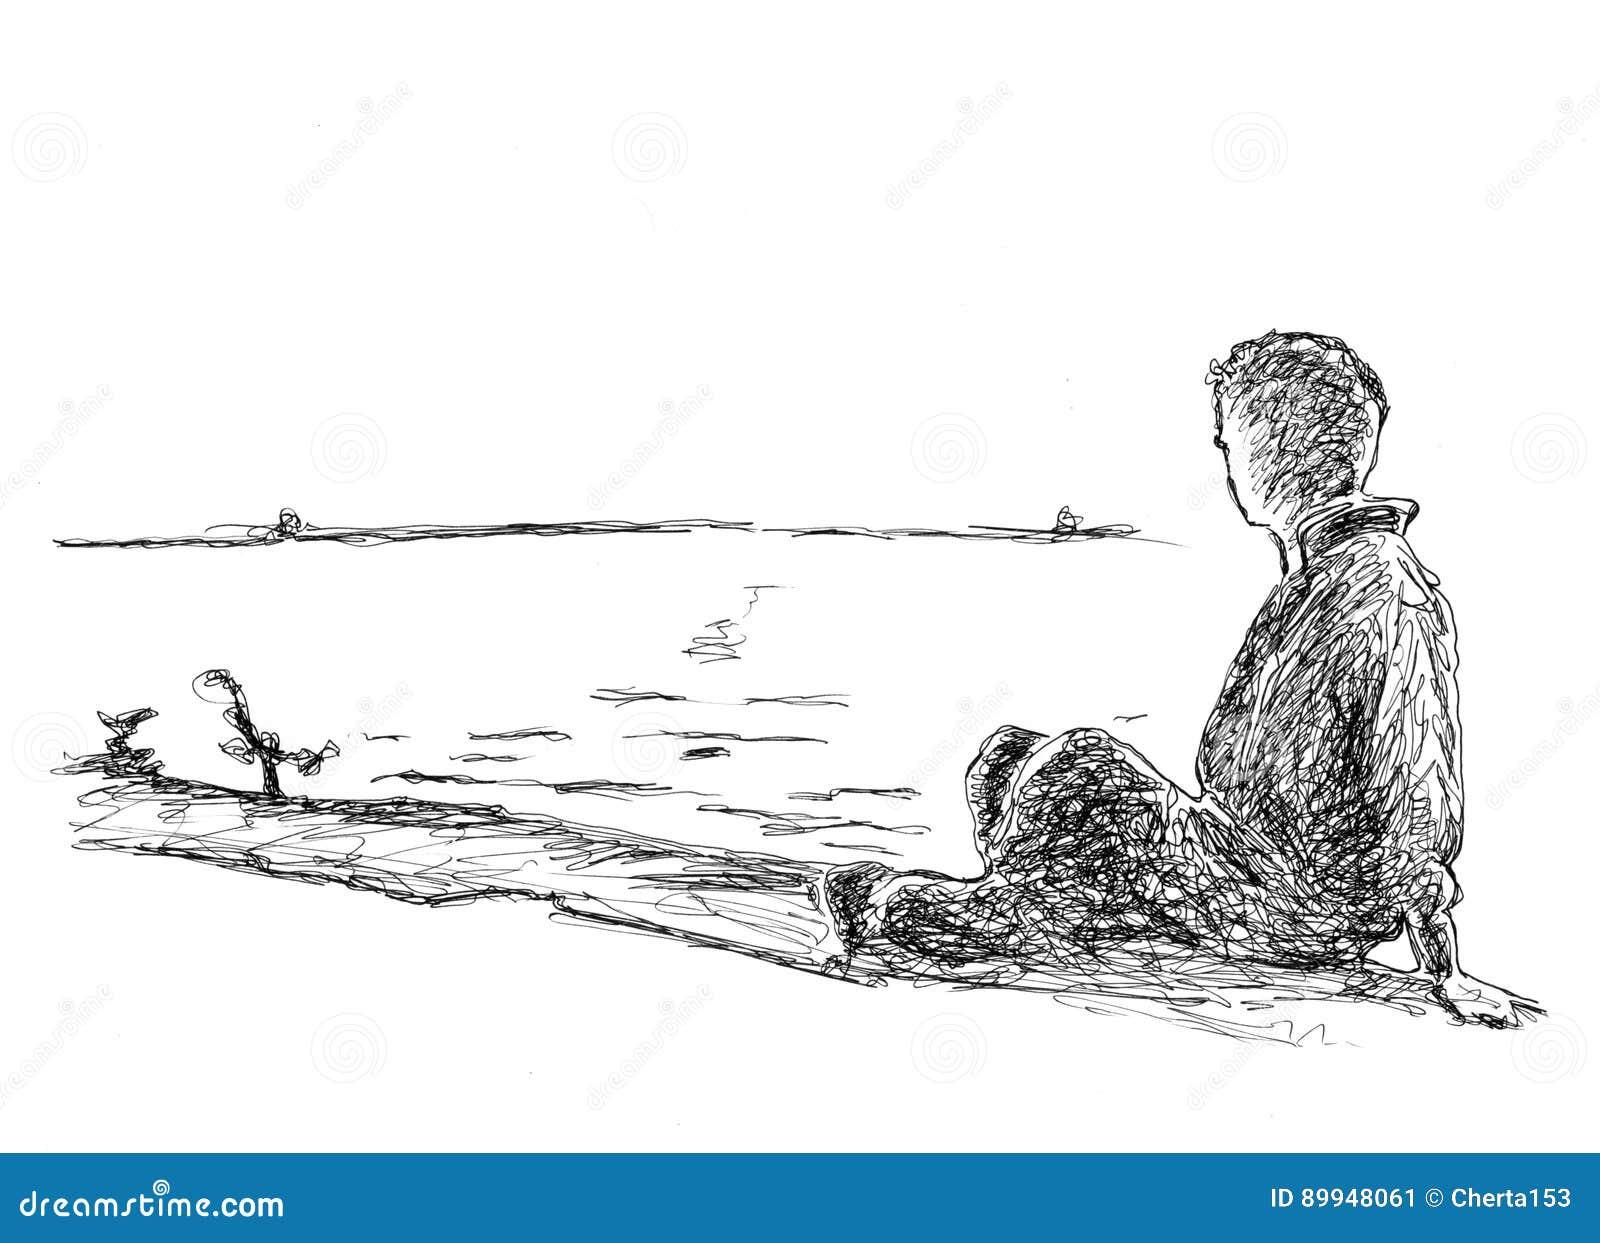 Fotos En La Playa Hombre: Dibujo De Un Hombre En La Playa Stock De Ilustración